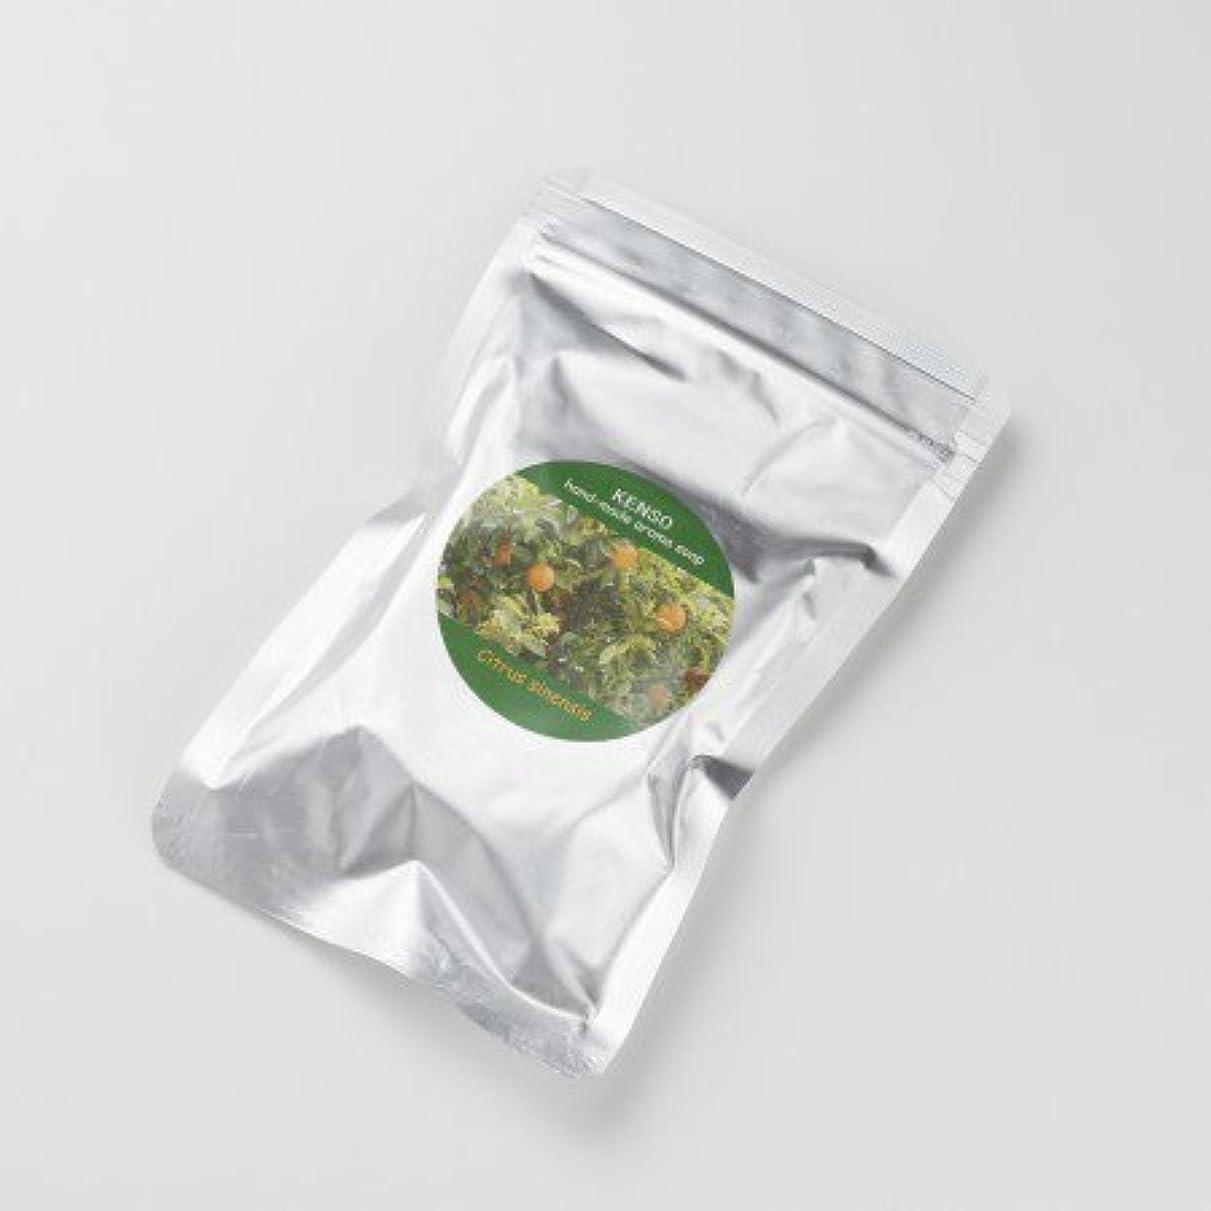 耕す見込み極めて重要なケンソー アロマグリセリンソープ オレンジソープ 石鹸 50g